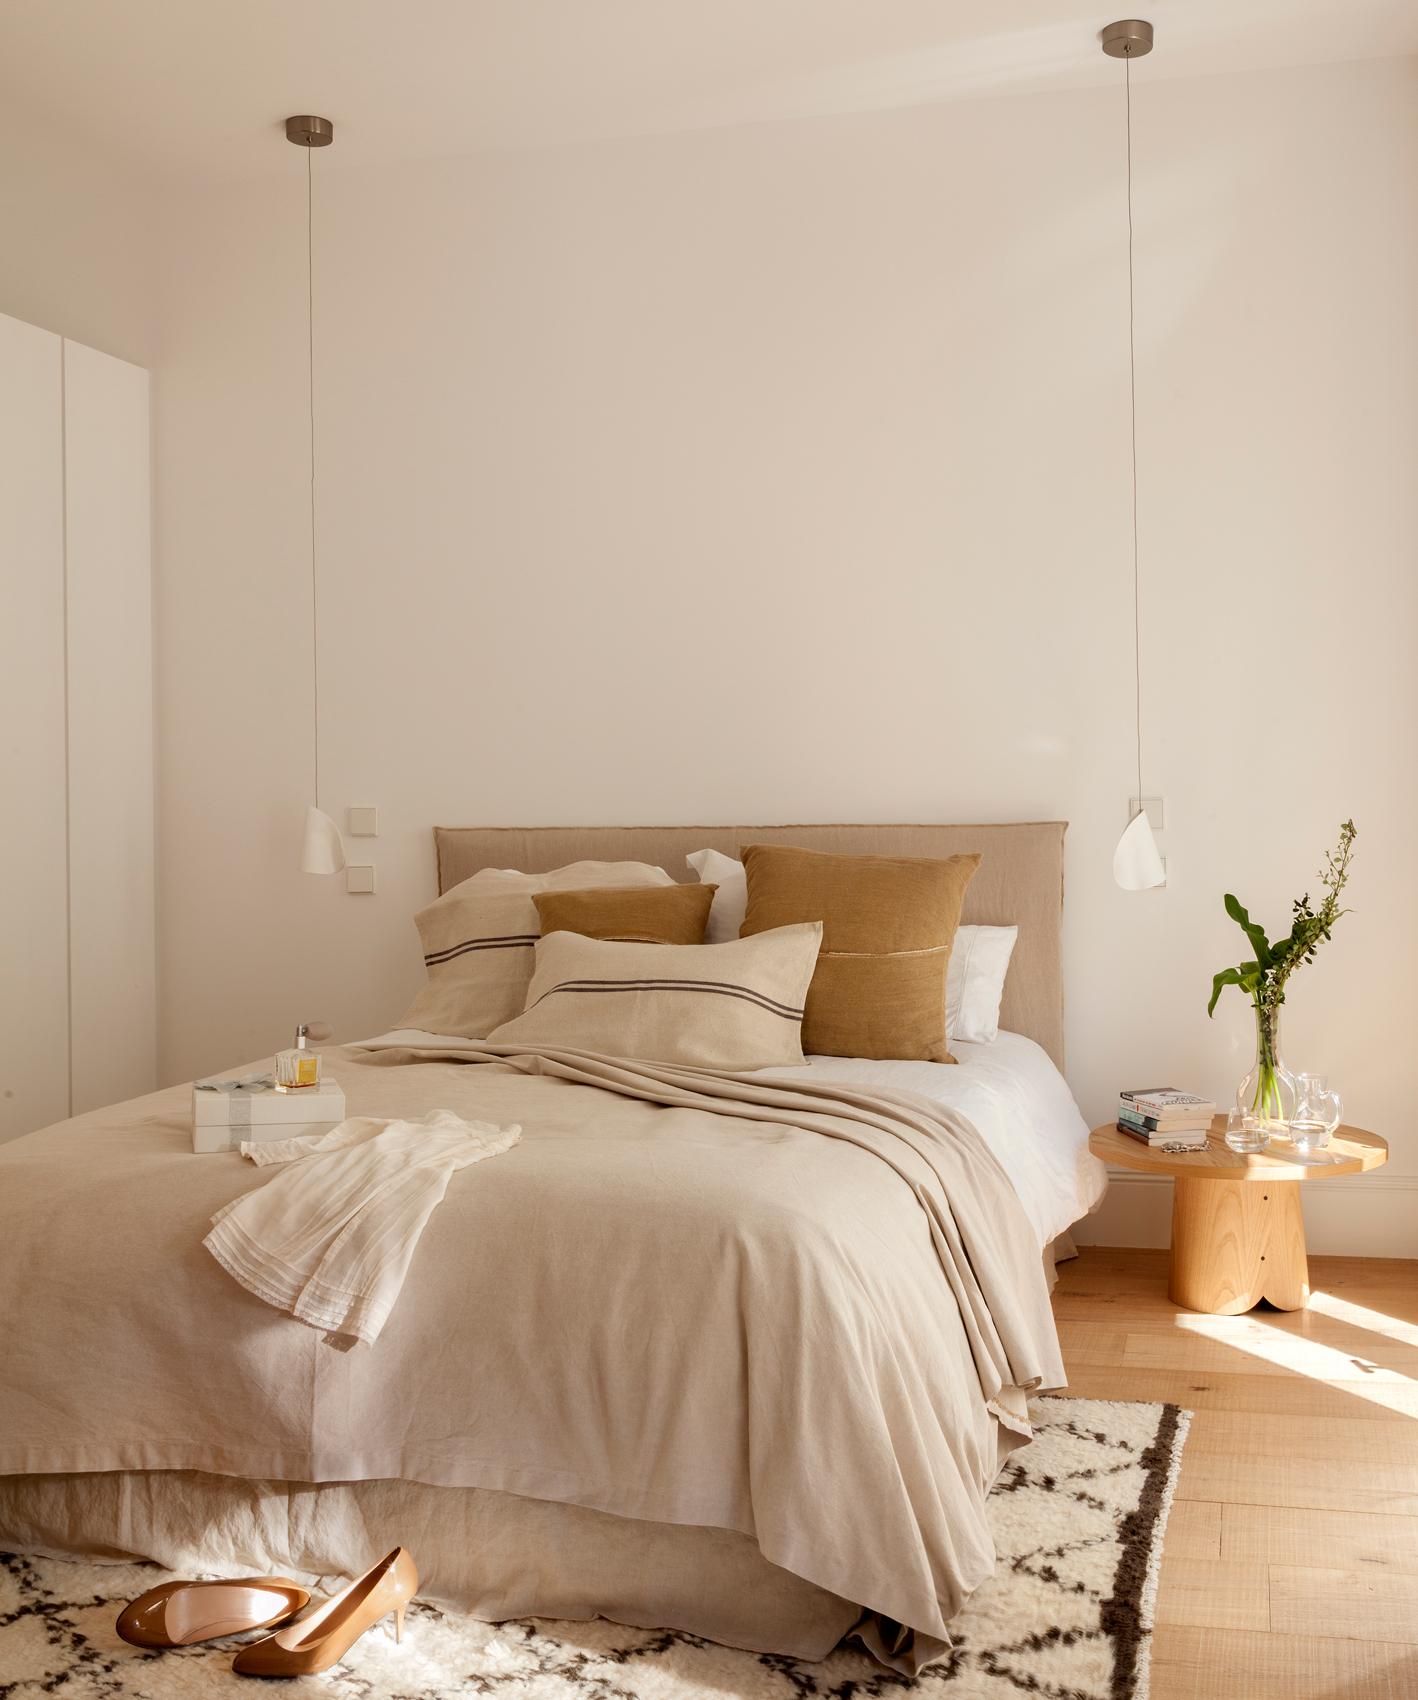 Mesillas de noche para el dormitorio - Iluminacion habitacion matrimonio ...